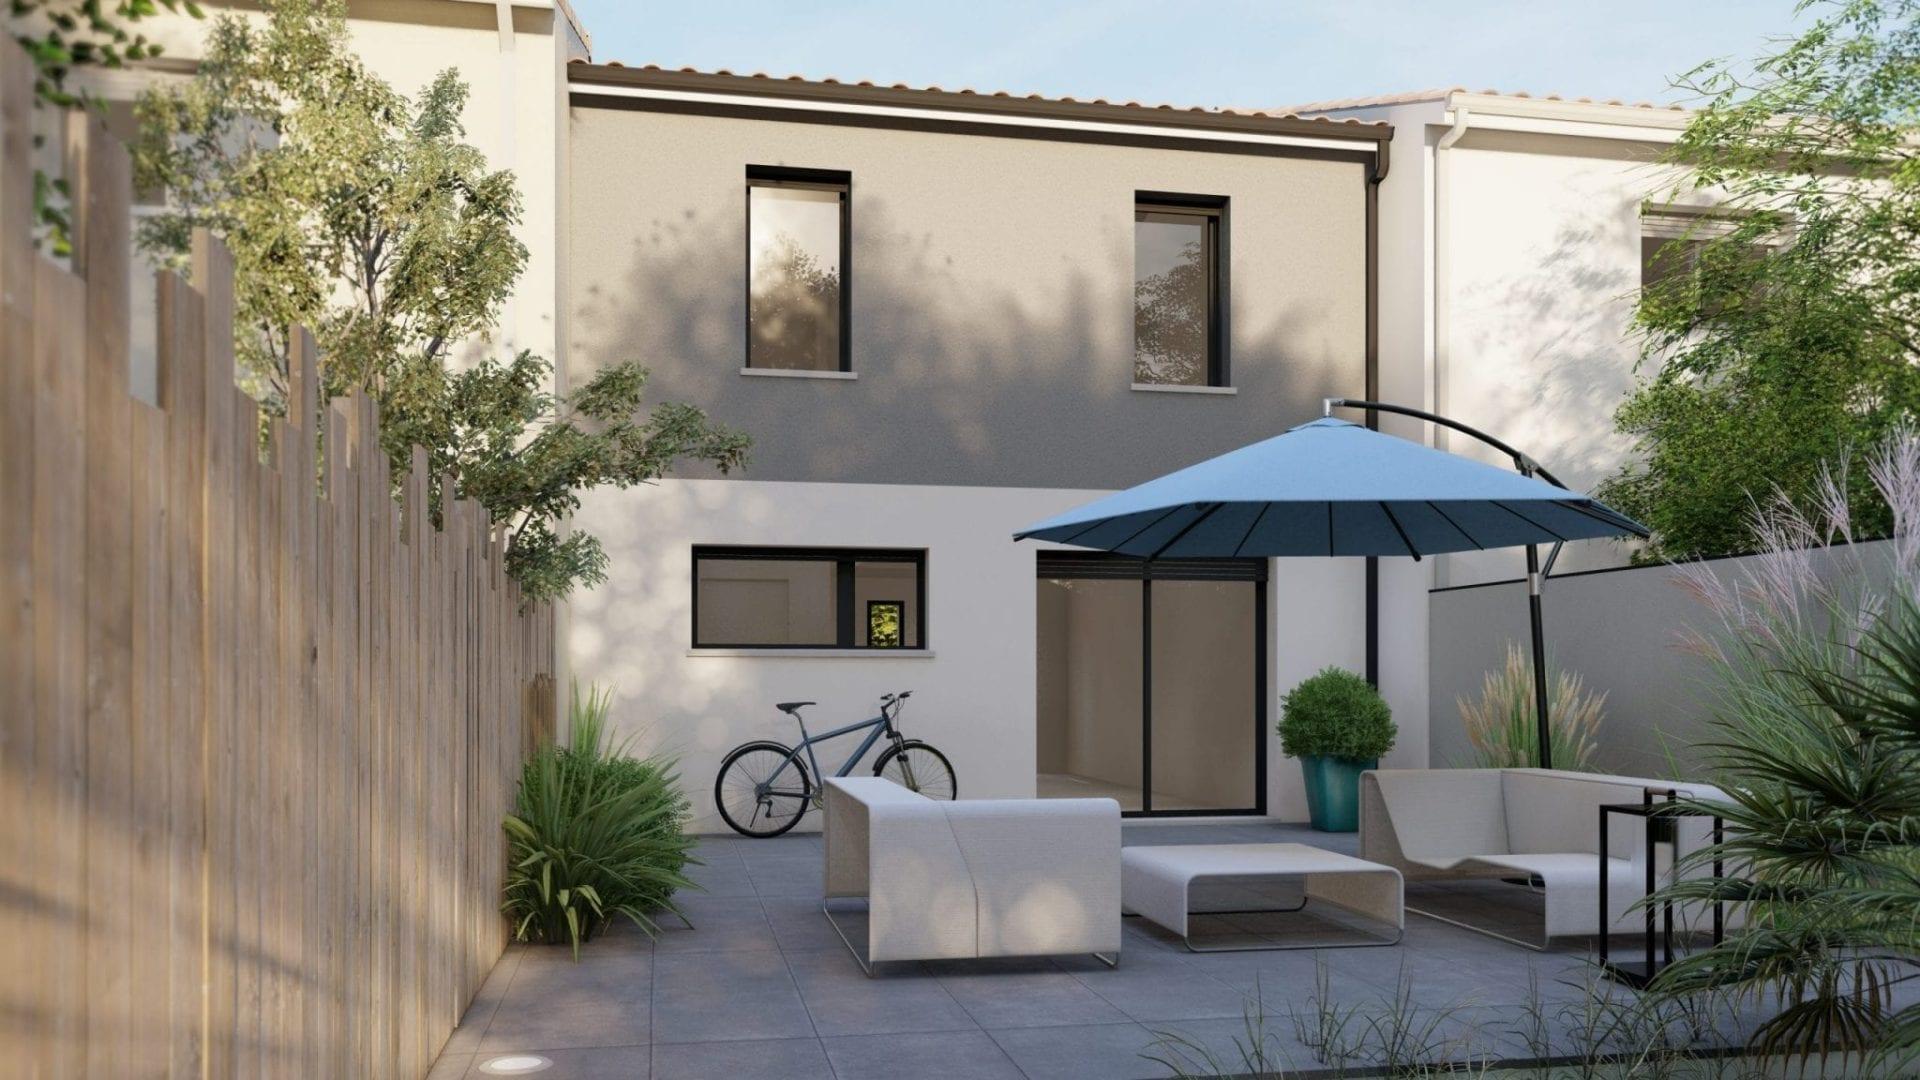 Photo 1 : illustration du modèle Variante Urban Compact contemporaine